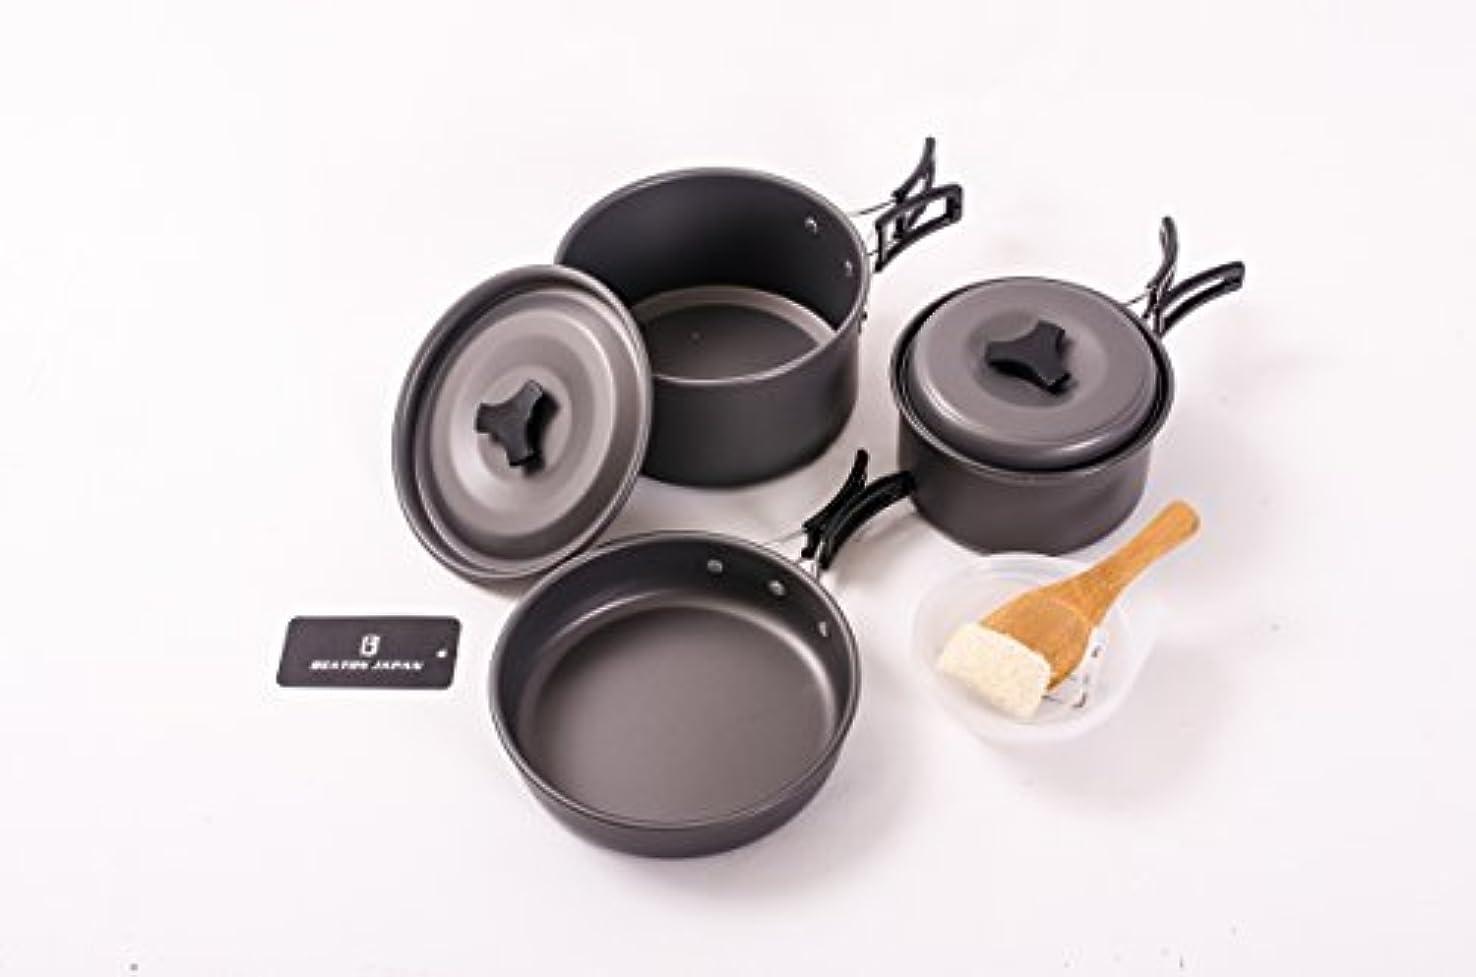 快いご飯できればクッカー セット キャンピング キャンプ アウトドア ポータブル 鍋 収納袋付き (シルバー